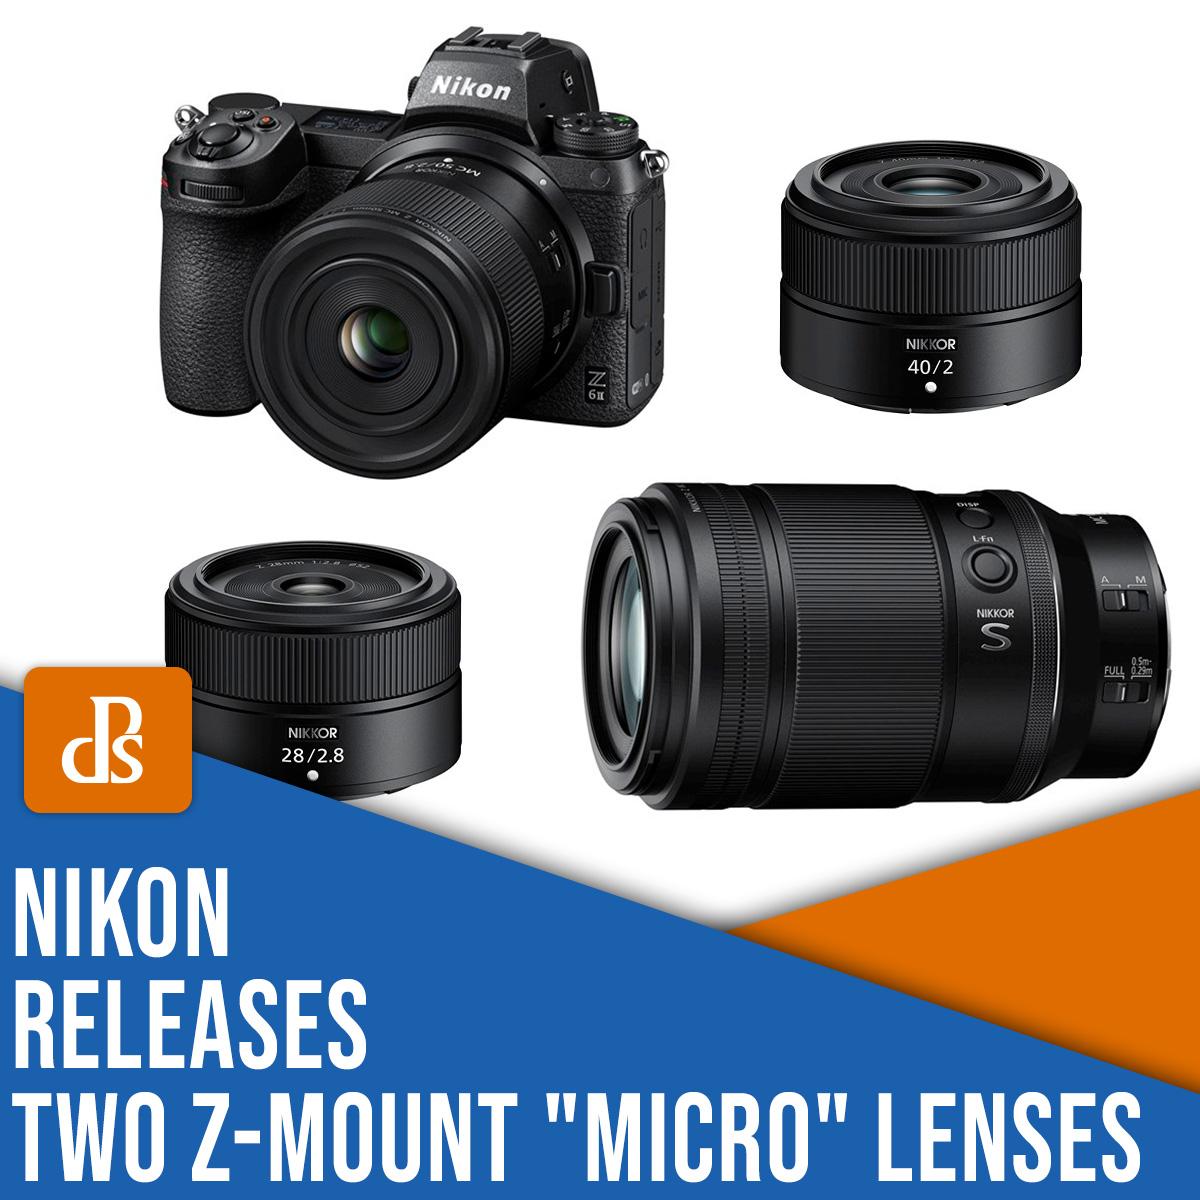 Nikon releases two Z-mount micro lenses